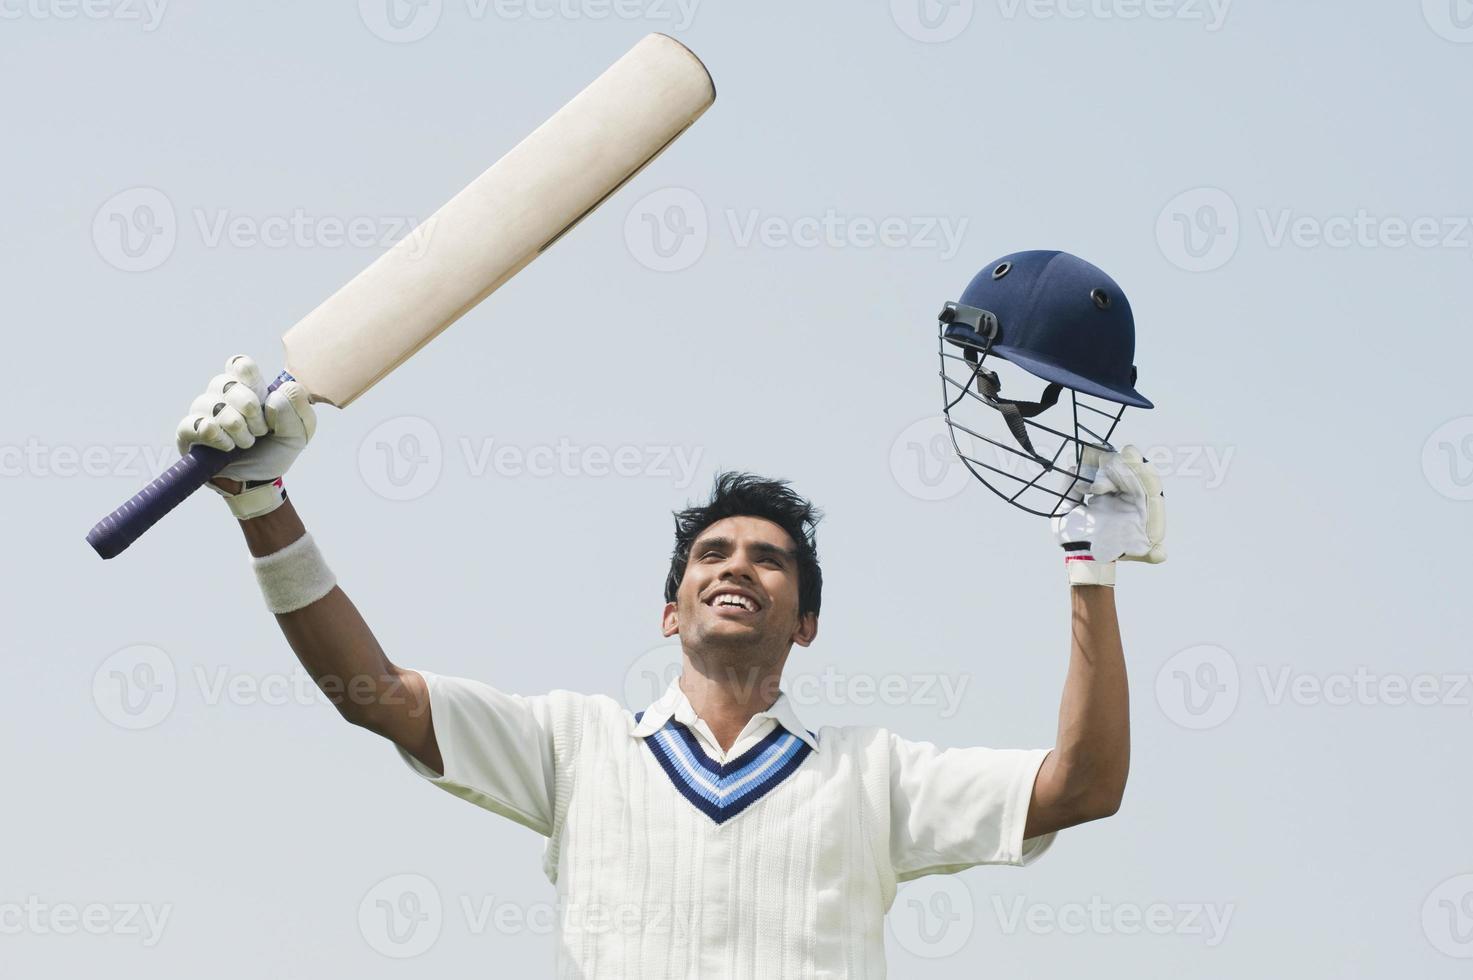 batedor de críquete comemorando seu sucesso foto